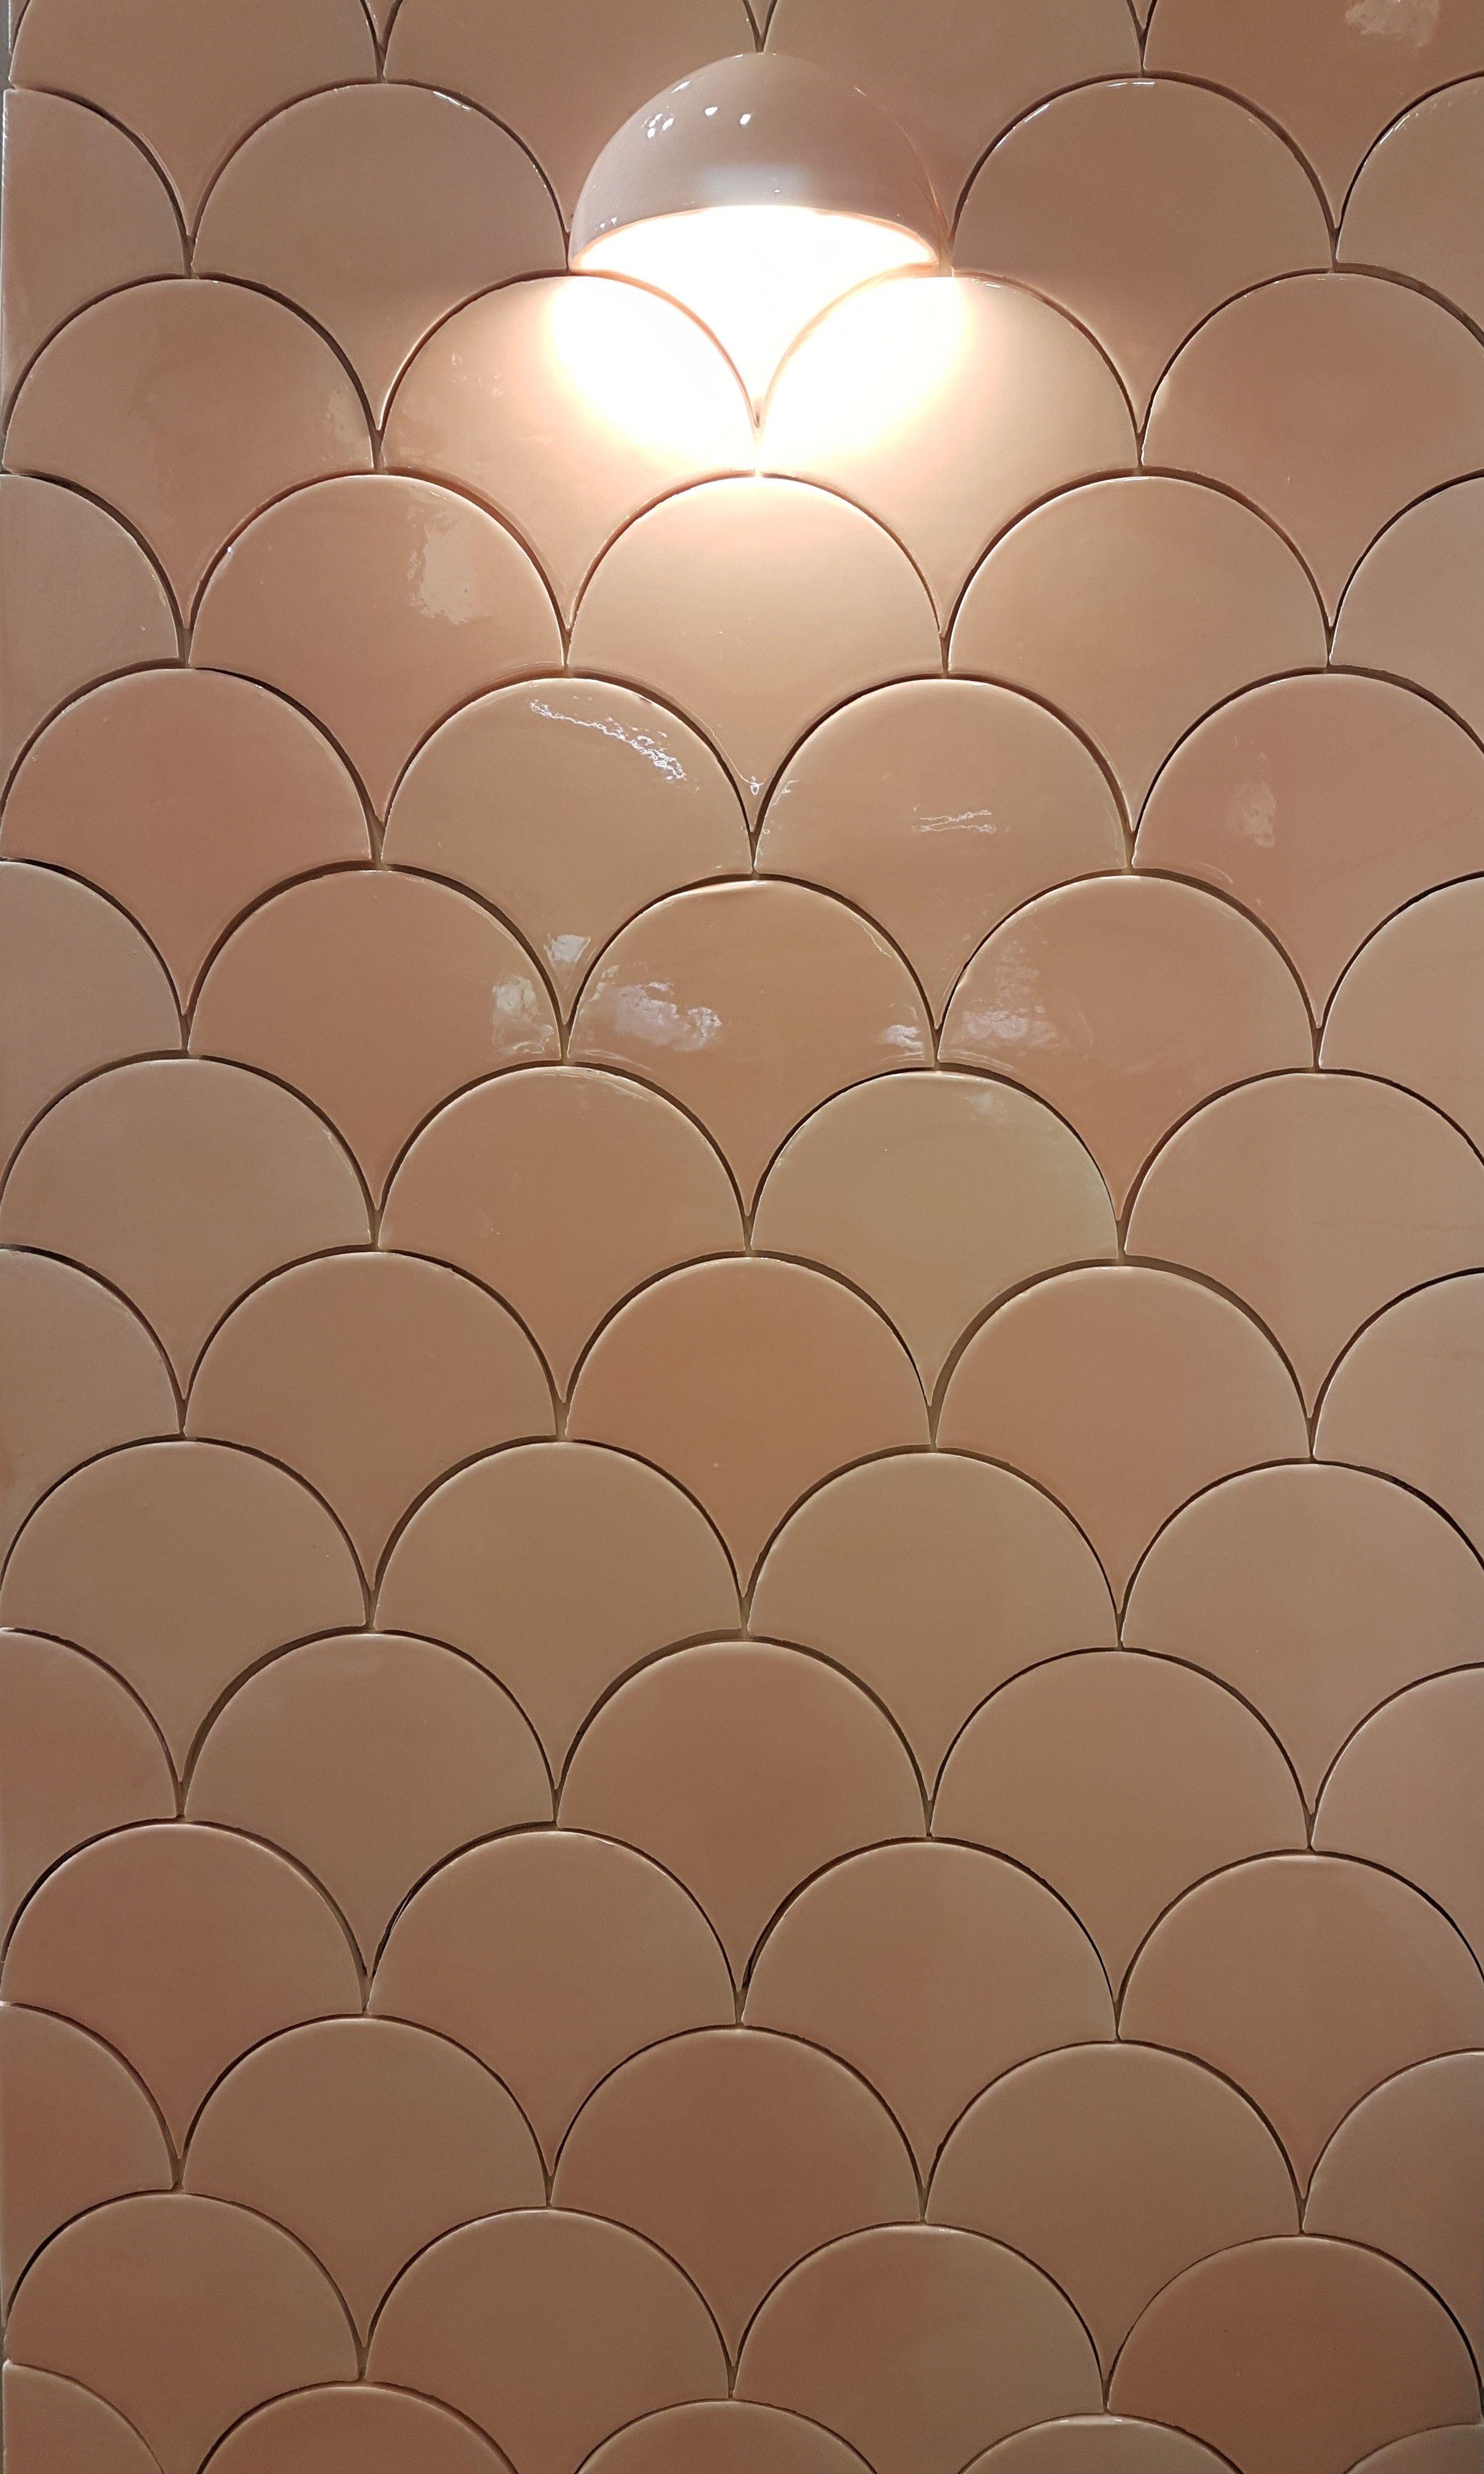 Brico Depot Wattignies Impressionnant Image Résultat Supérieur 50 Nouveau Salle De Bain Luminaire Galerie 2018